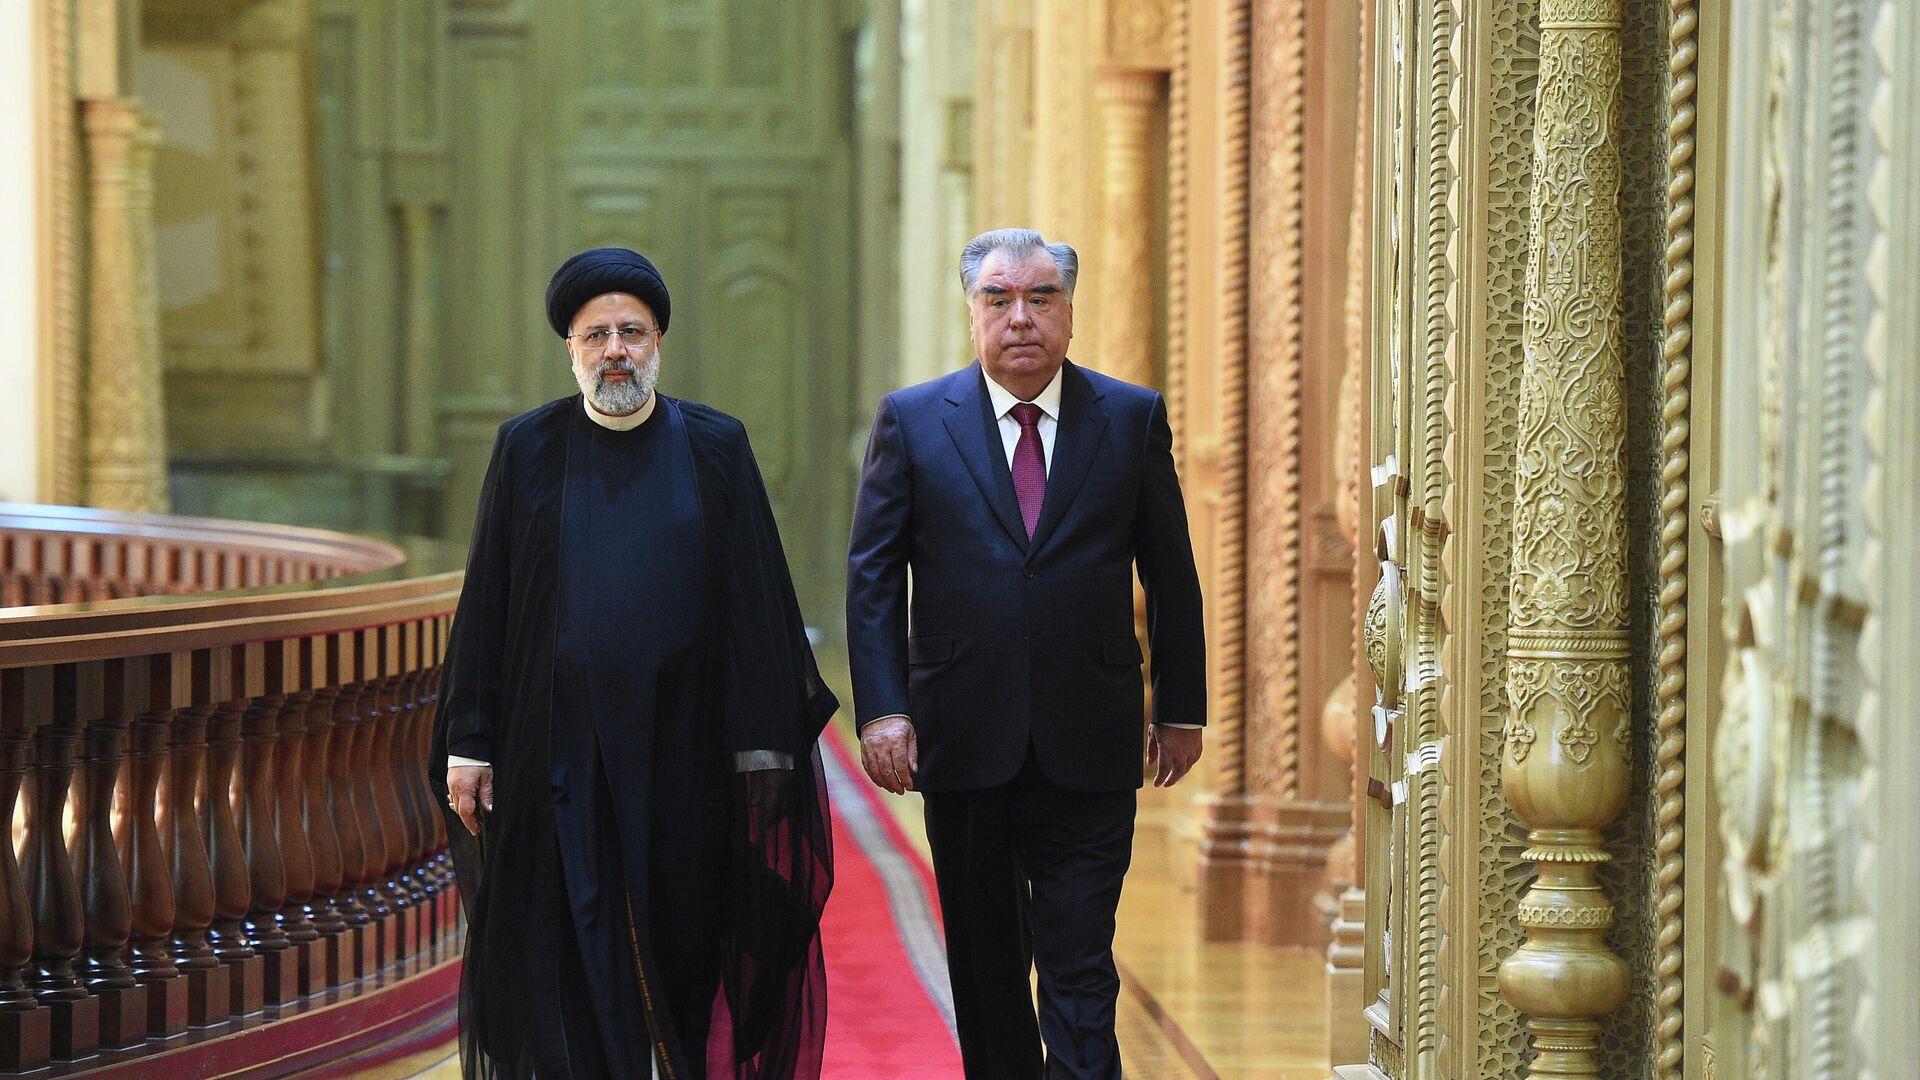 Президент Таджикистана Эмомали Рахмон и президент Ирана Ибрахим Раиси - Sputnik Таджикистан, 1920, 18.09.2021